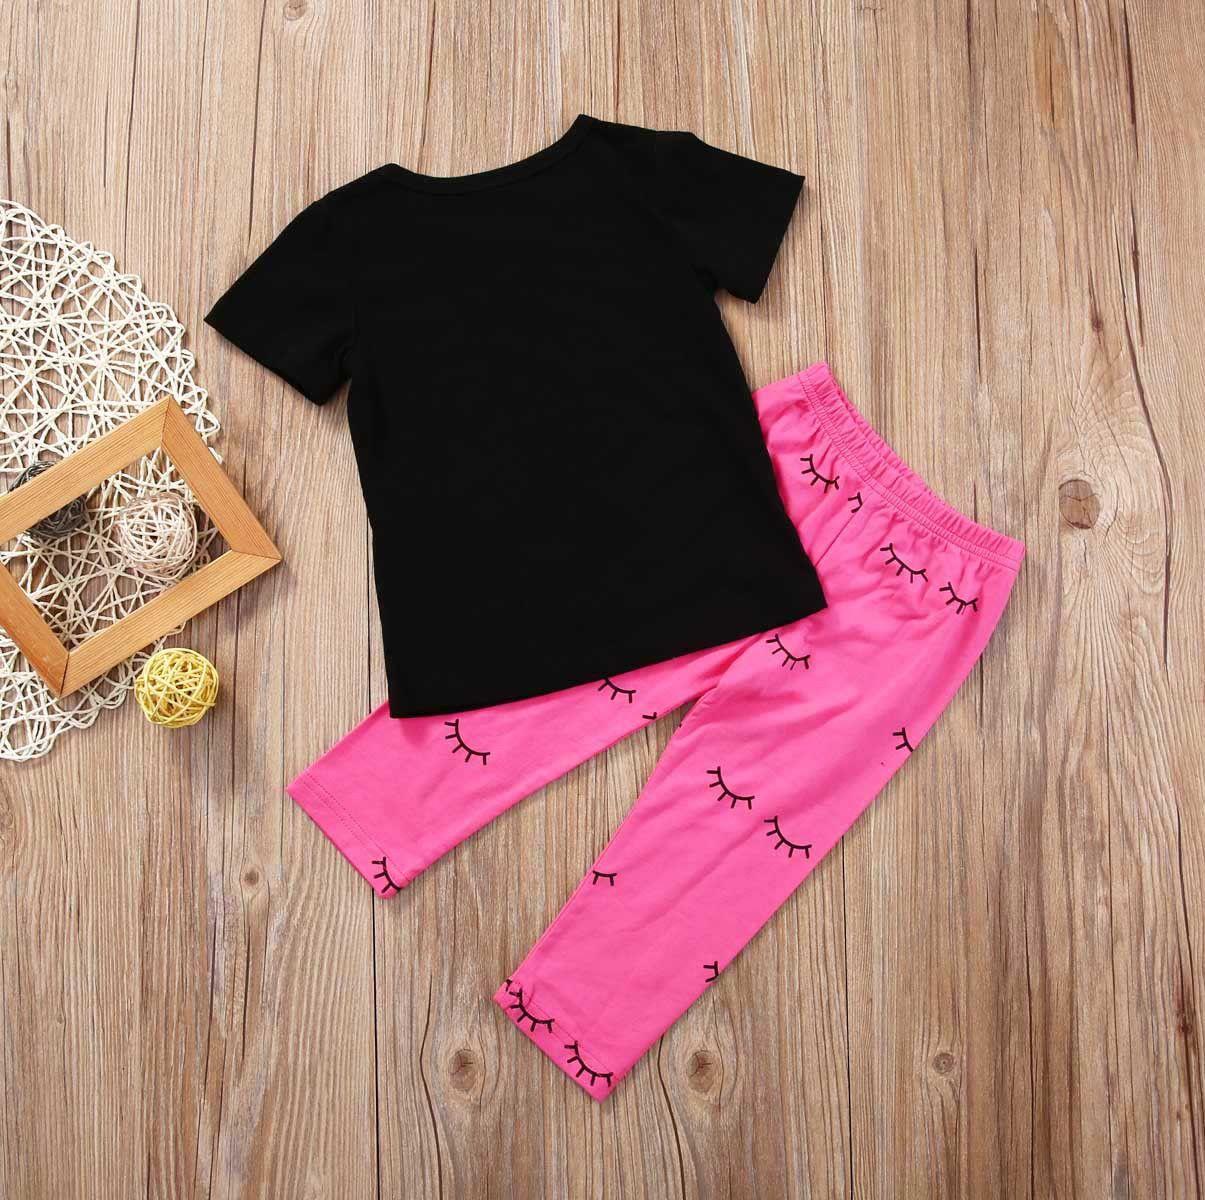 2017 Summer Toddler Infantile Kid Bébé Filles Tenues Noir T-shirt Tops + Leggings Rose Pantalon Vêtements